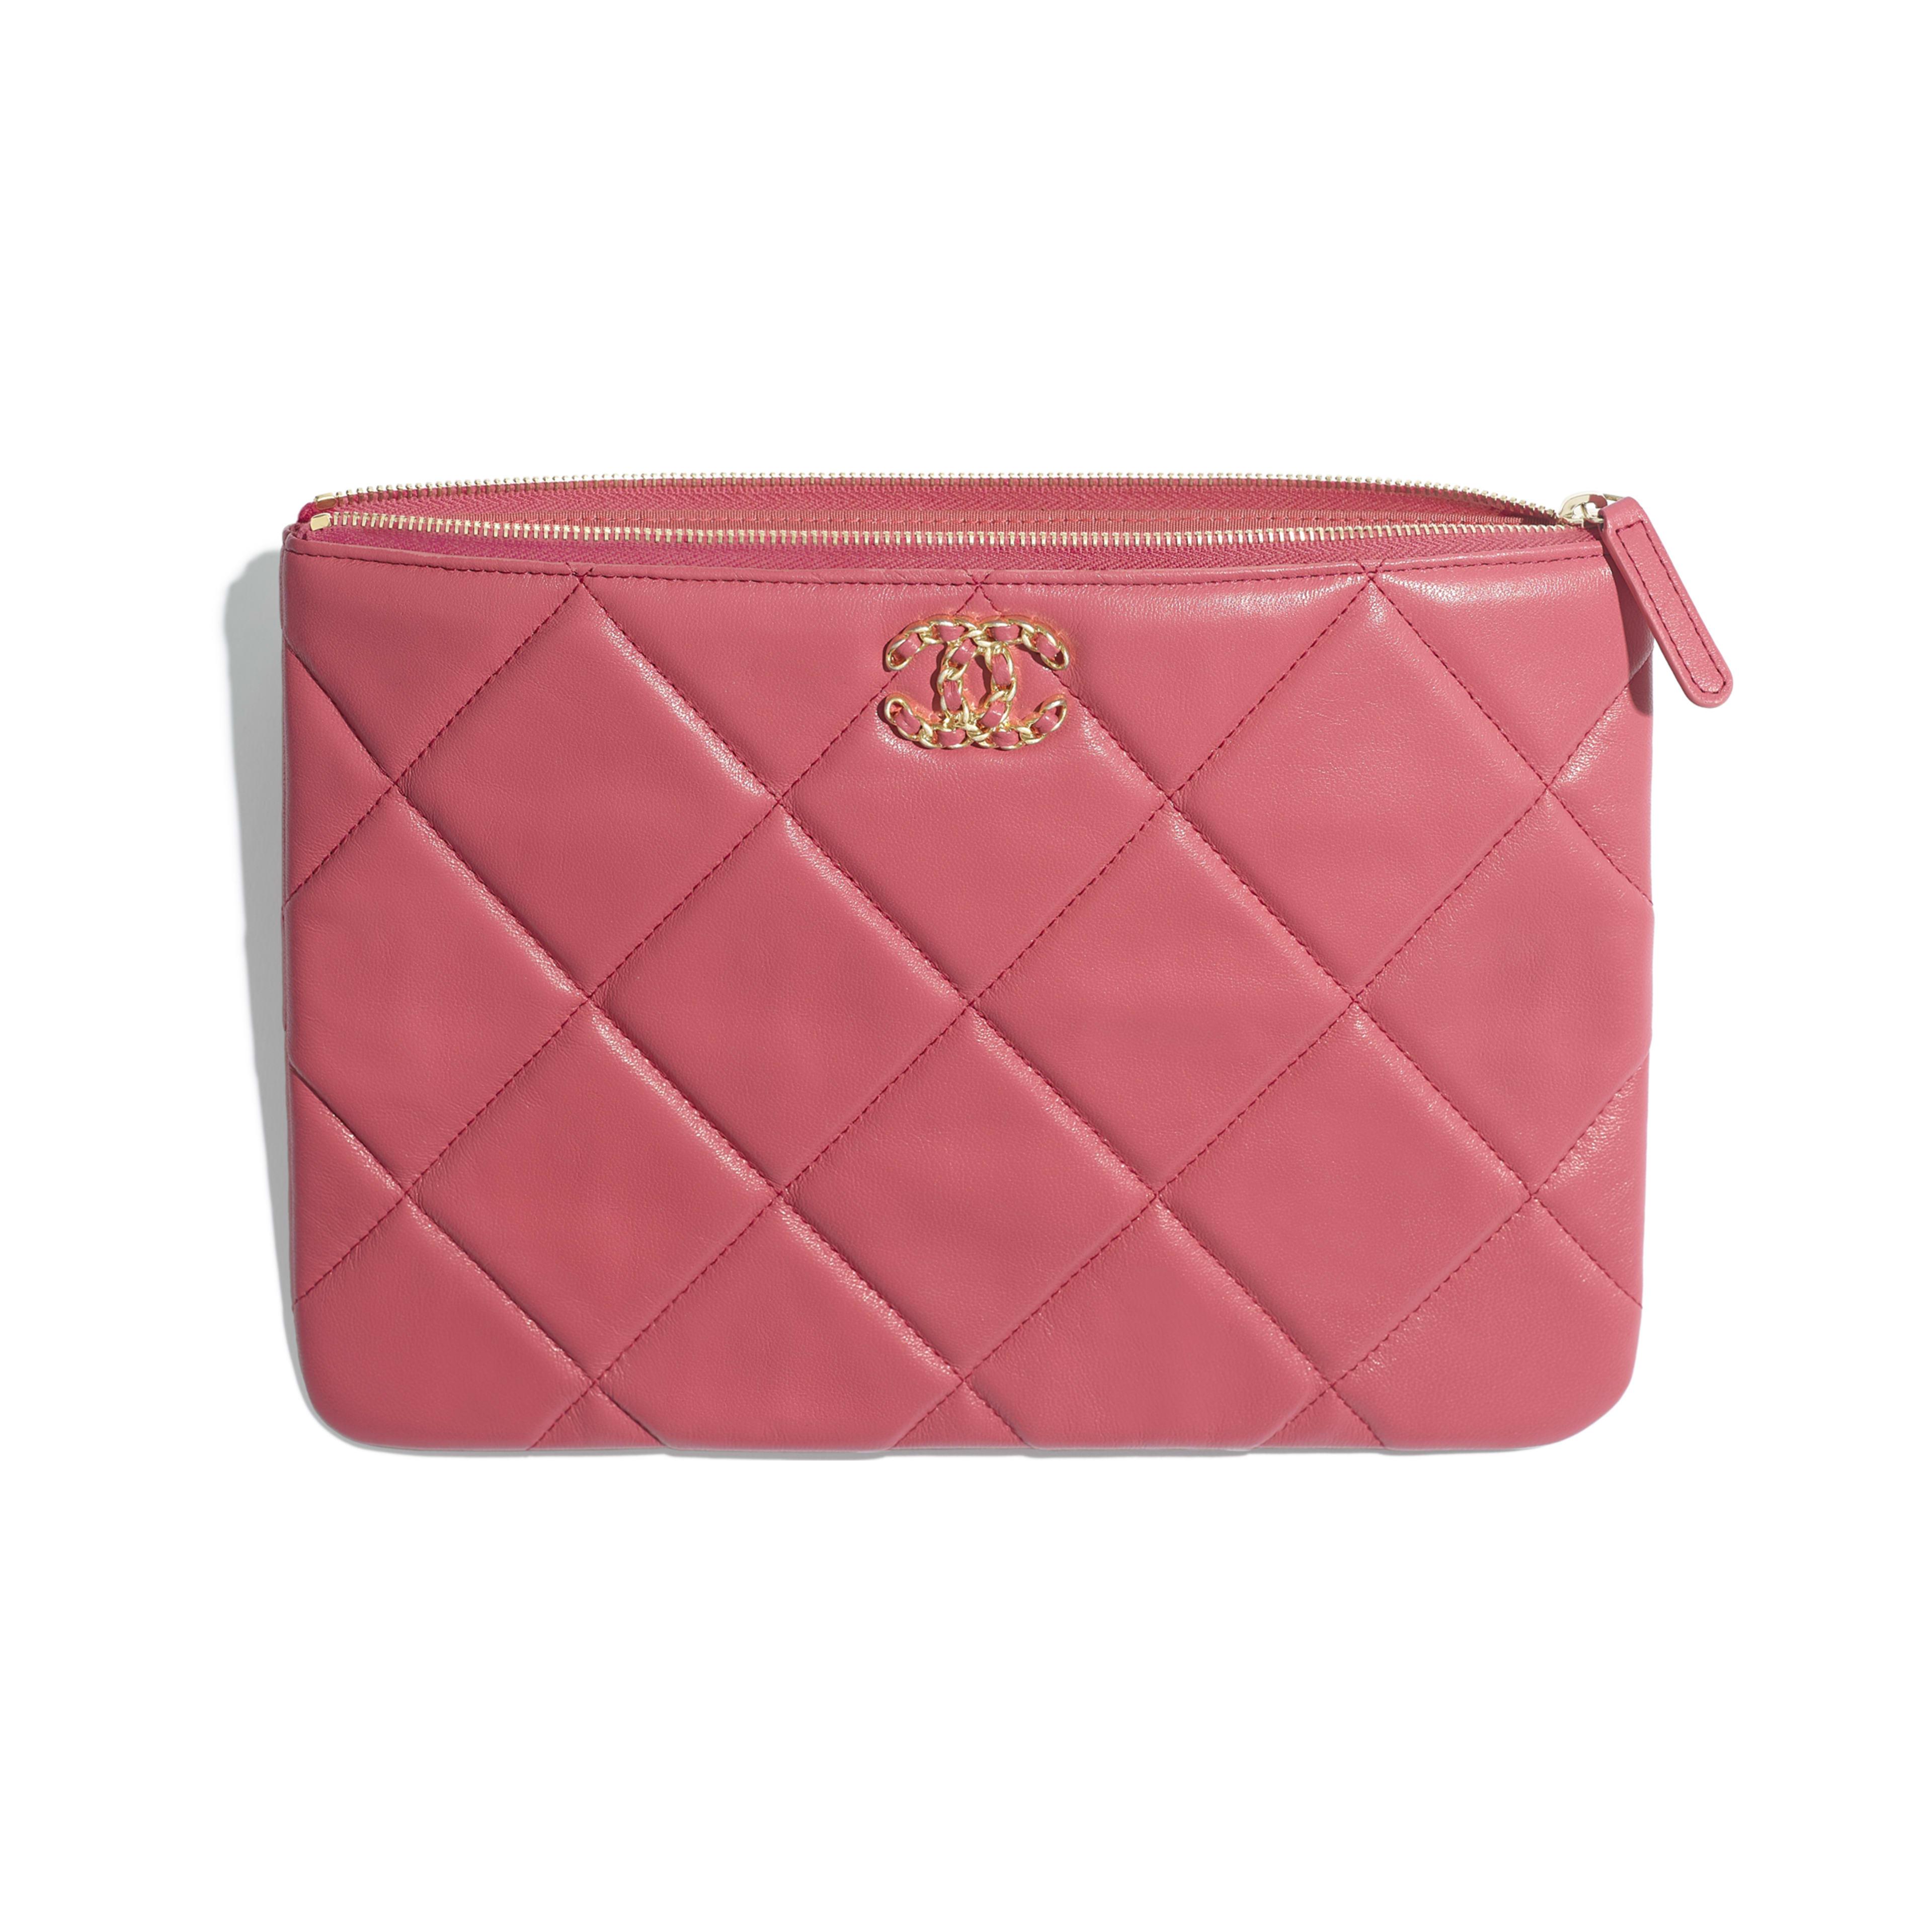 กระเป๋าเพาช์ CHANEL 19 - สีชมพู - หนังแกะ โลหะสีทอง โลหะสีเงิน และโลหะเคลือบรูทีเนียม - มุมมองอื่น - ดูเวอร์ชันขนาดเต็ม